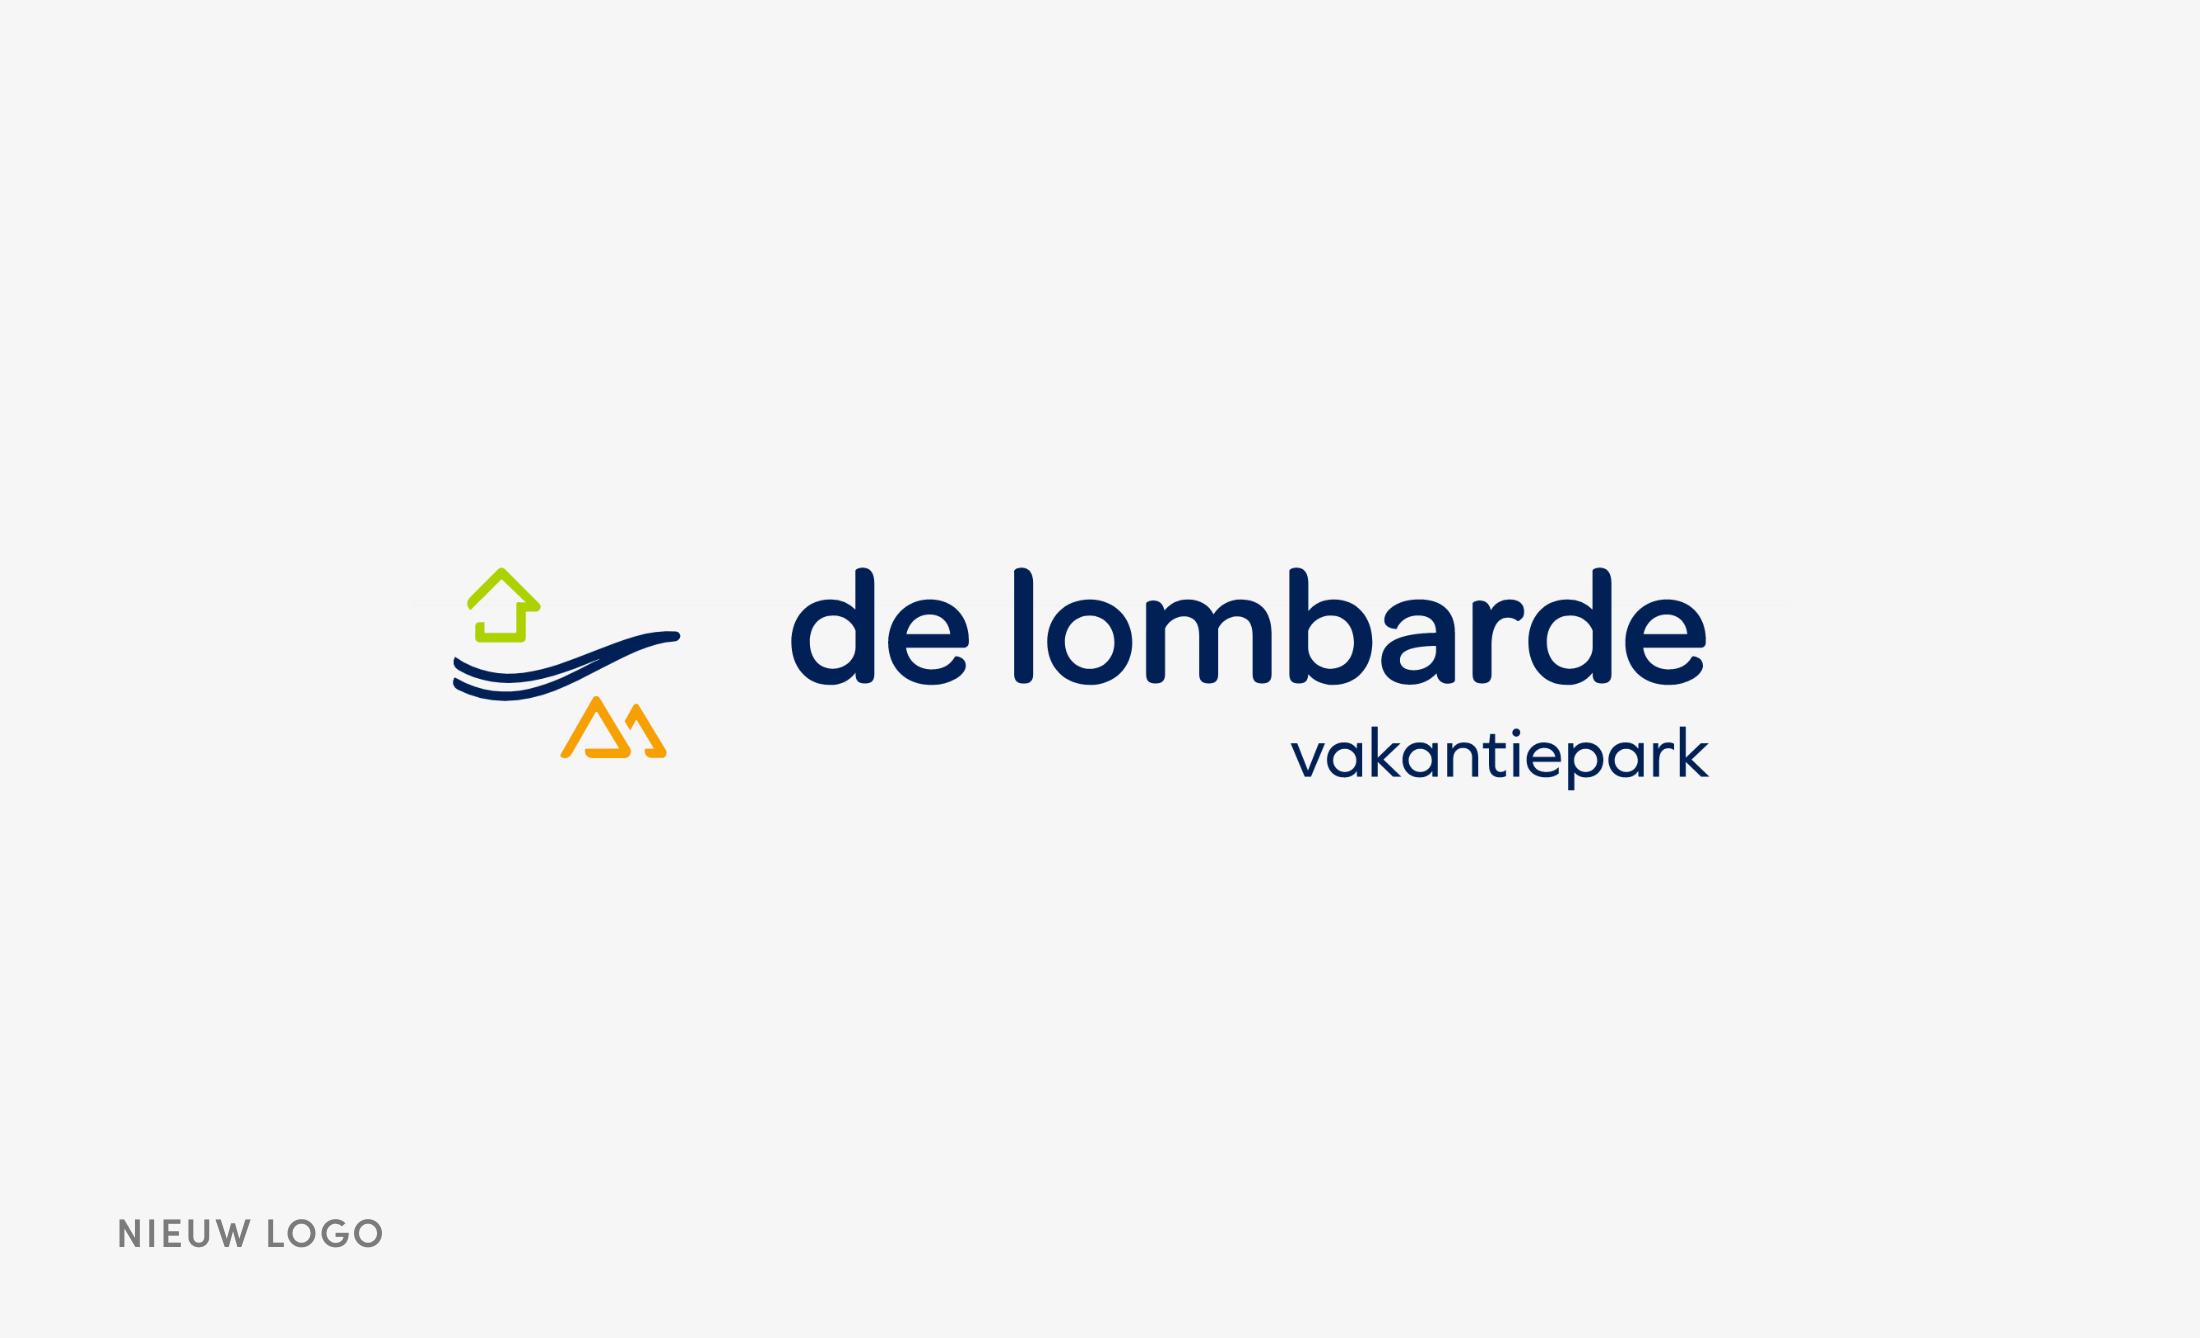 Vakantiepark De Lombarde